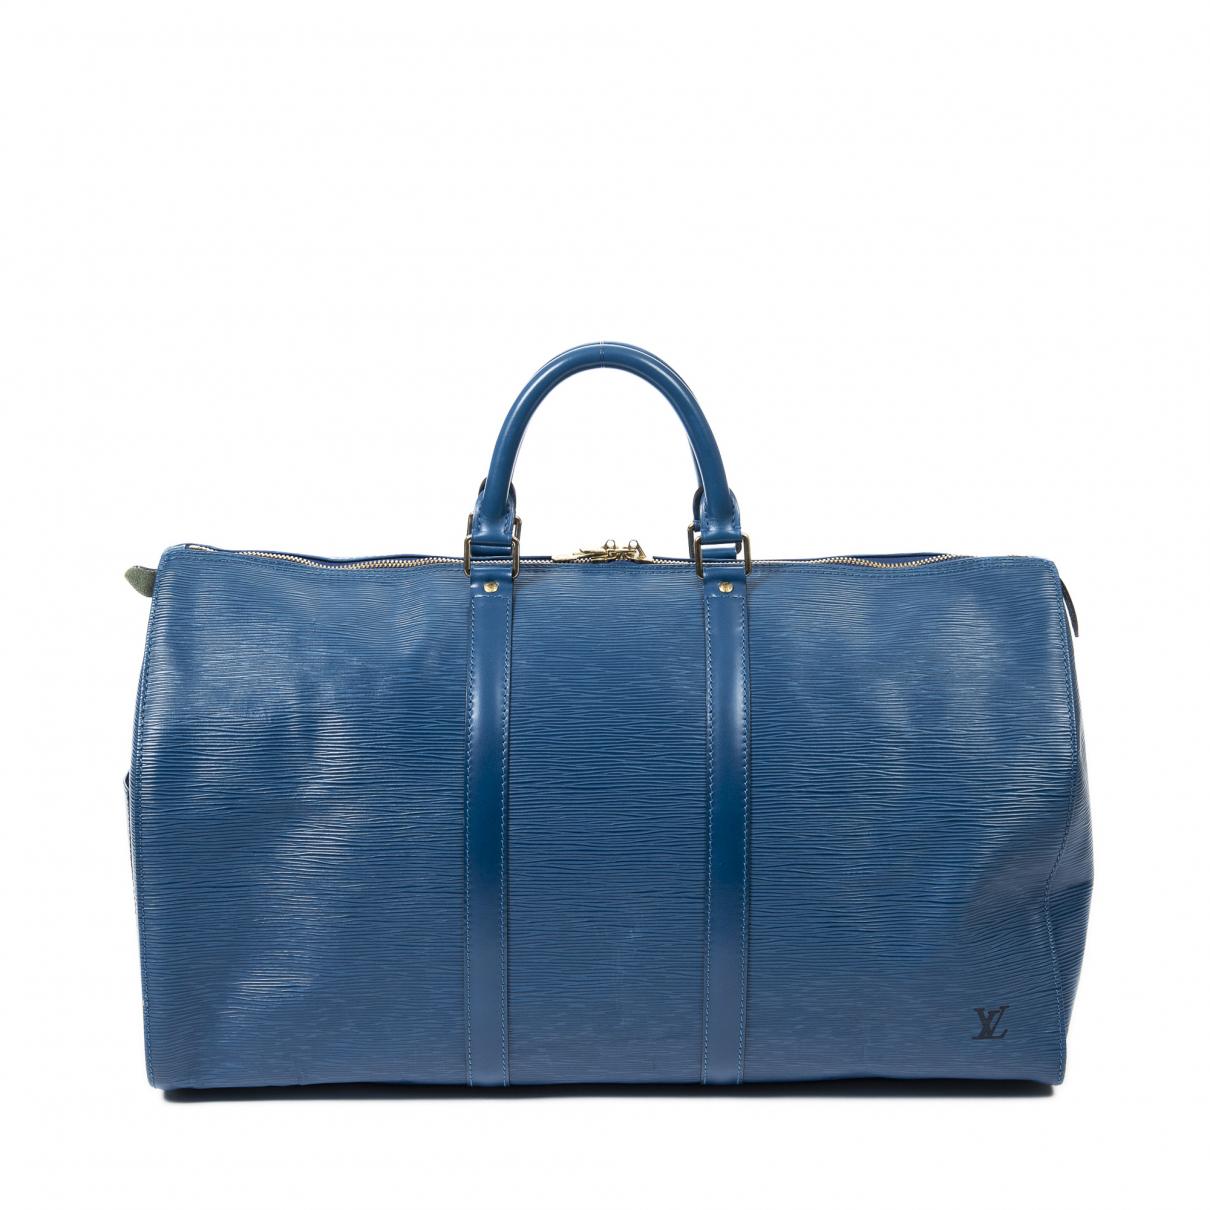 Louis Vuitton \N Reisetasche in  Blau Leder